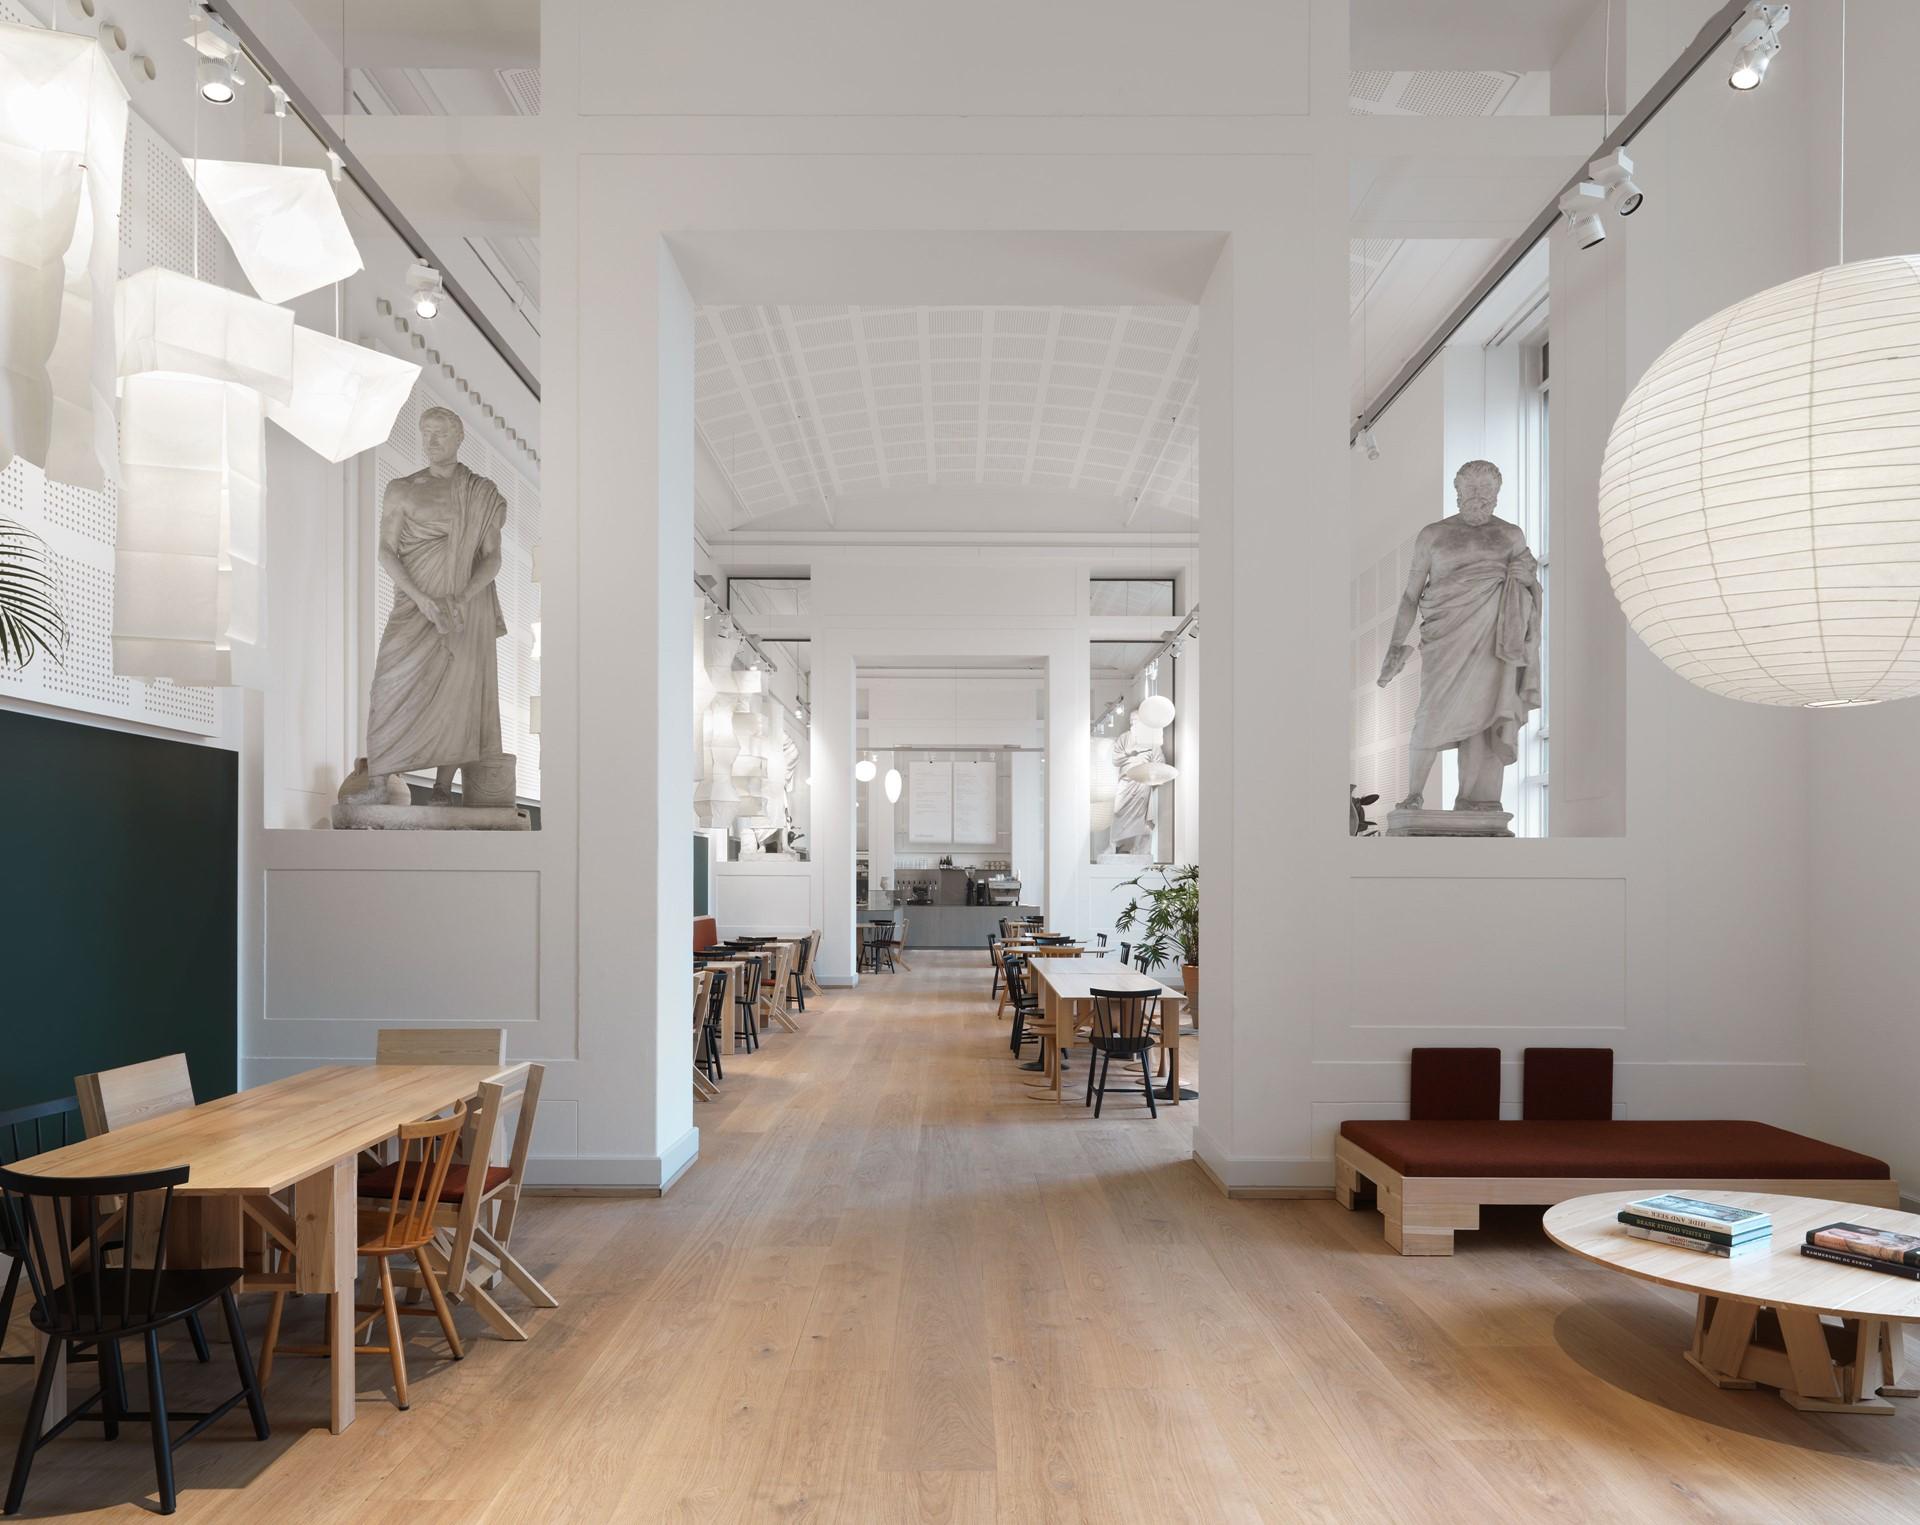 oak-flooring-grandoak_natural-oil_the-national--gallery-of-denmark_dinesen_08.jpg